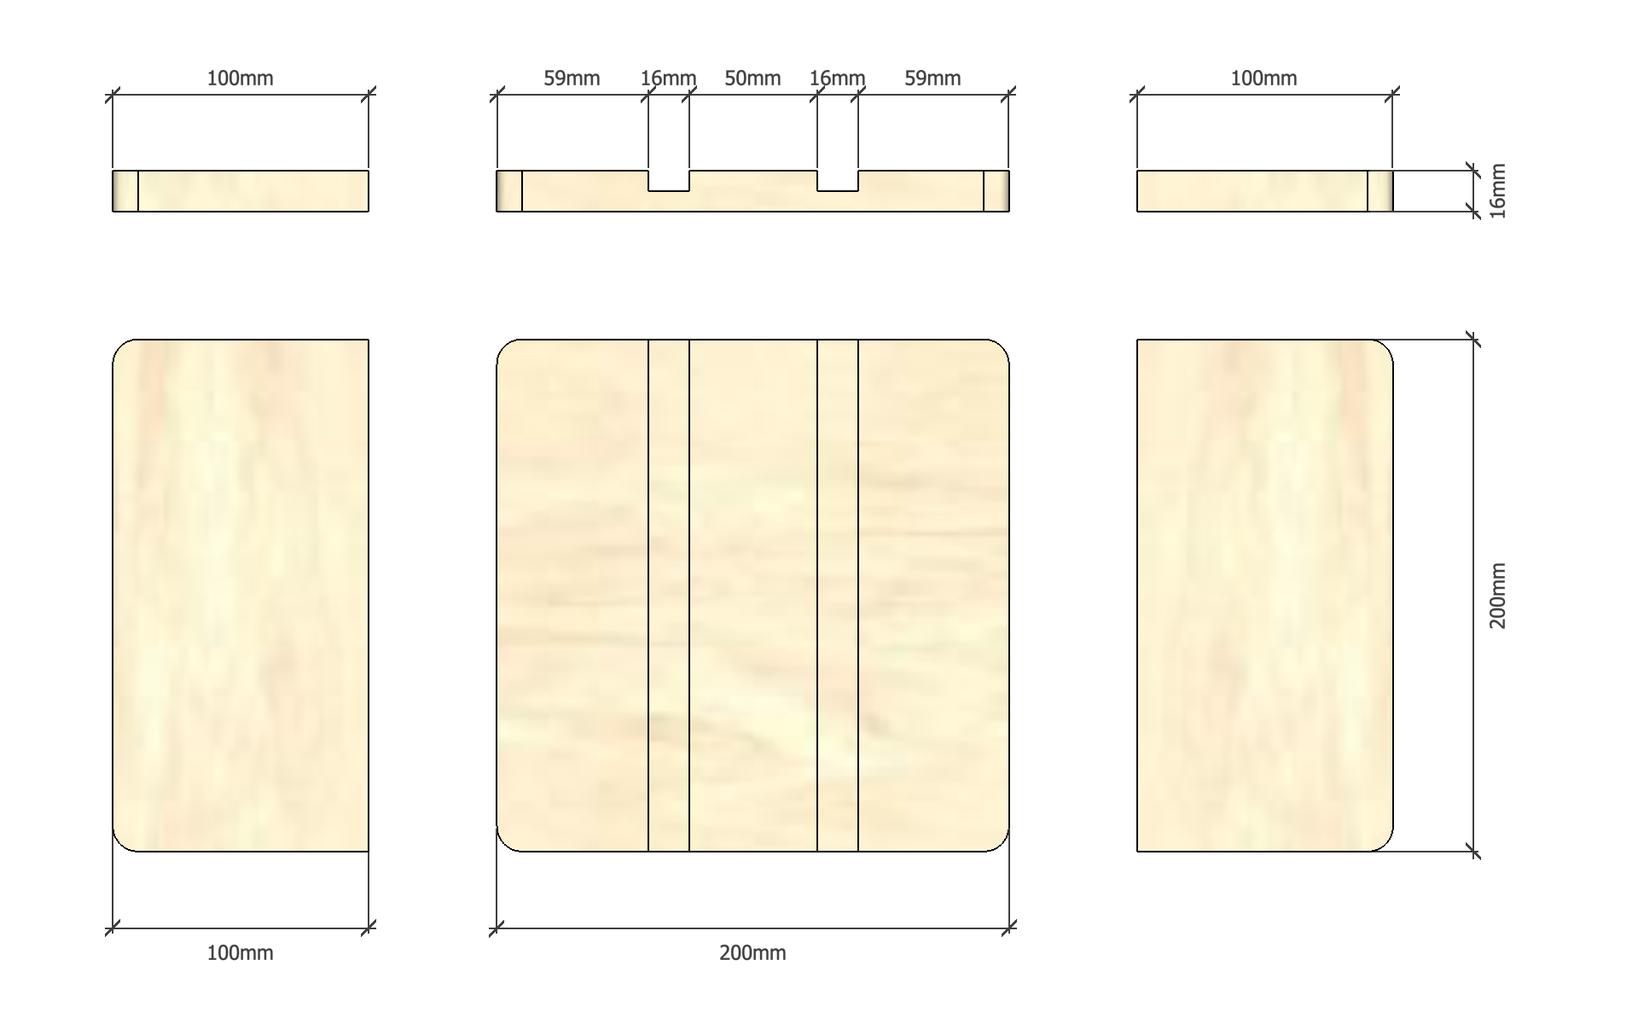 Blueprints and Materials